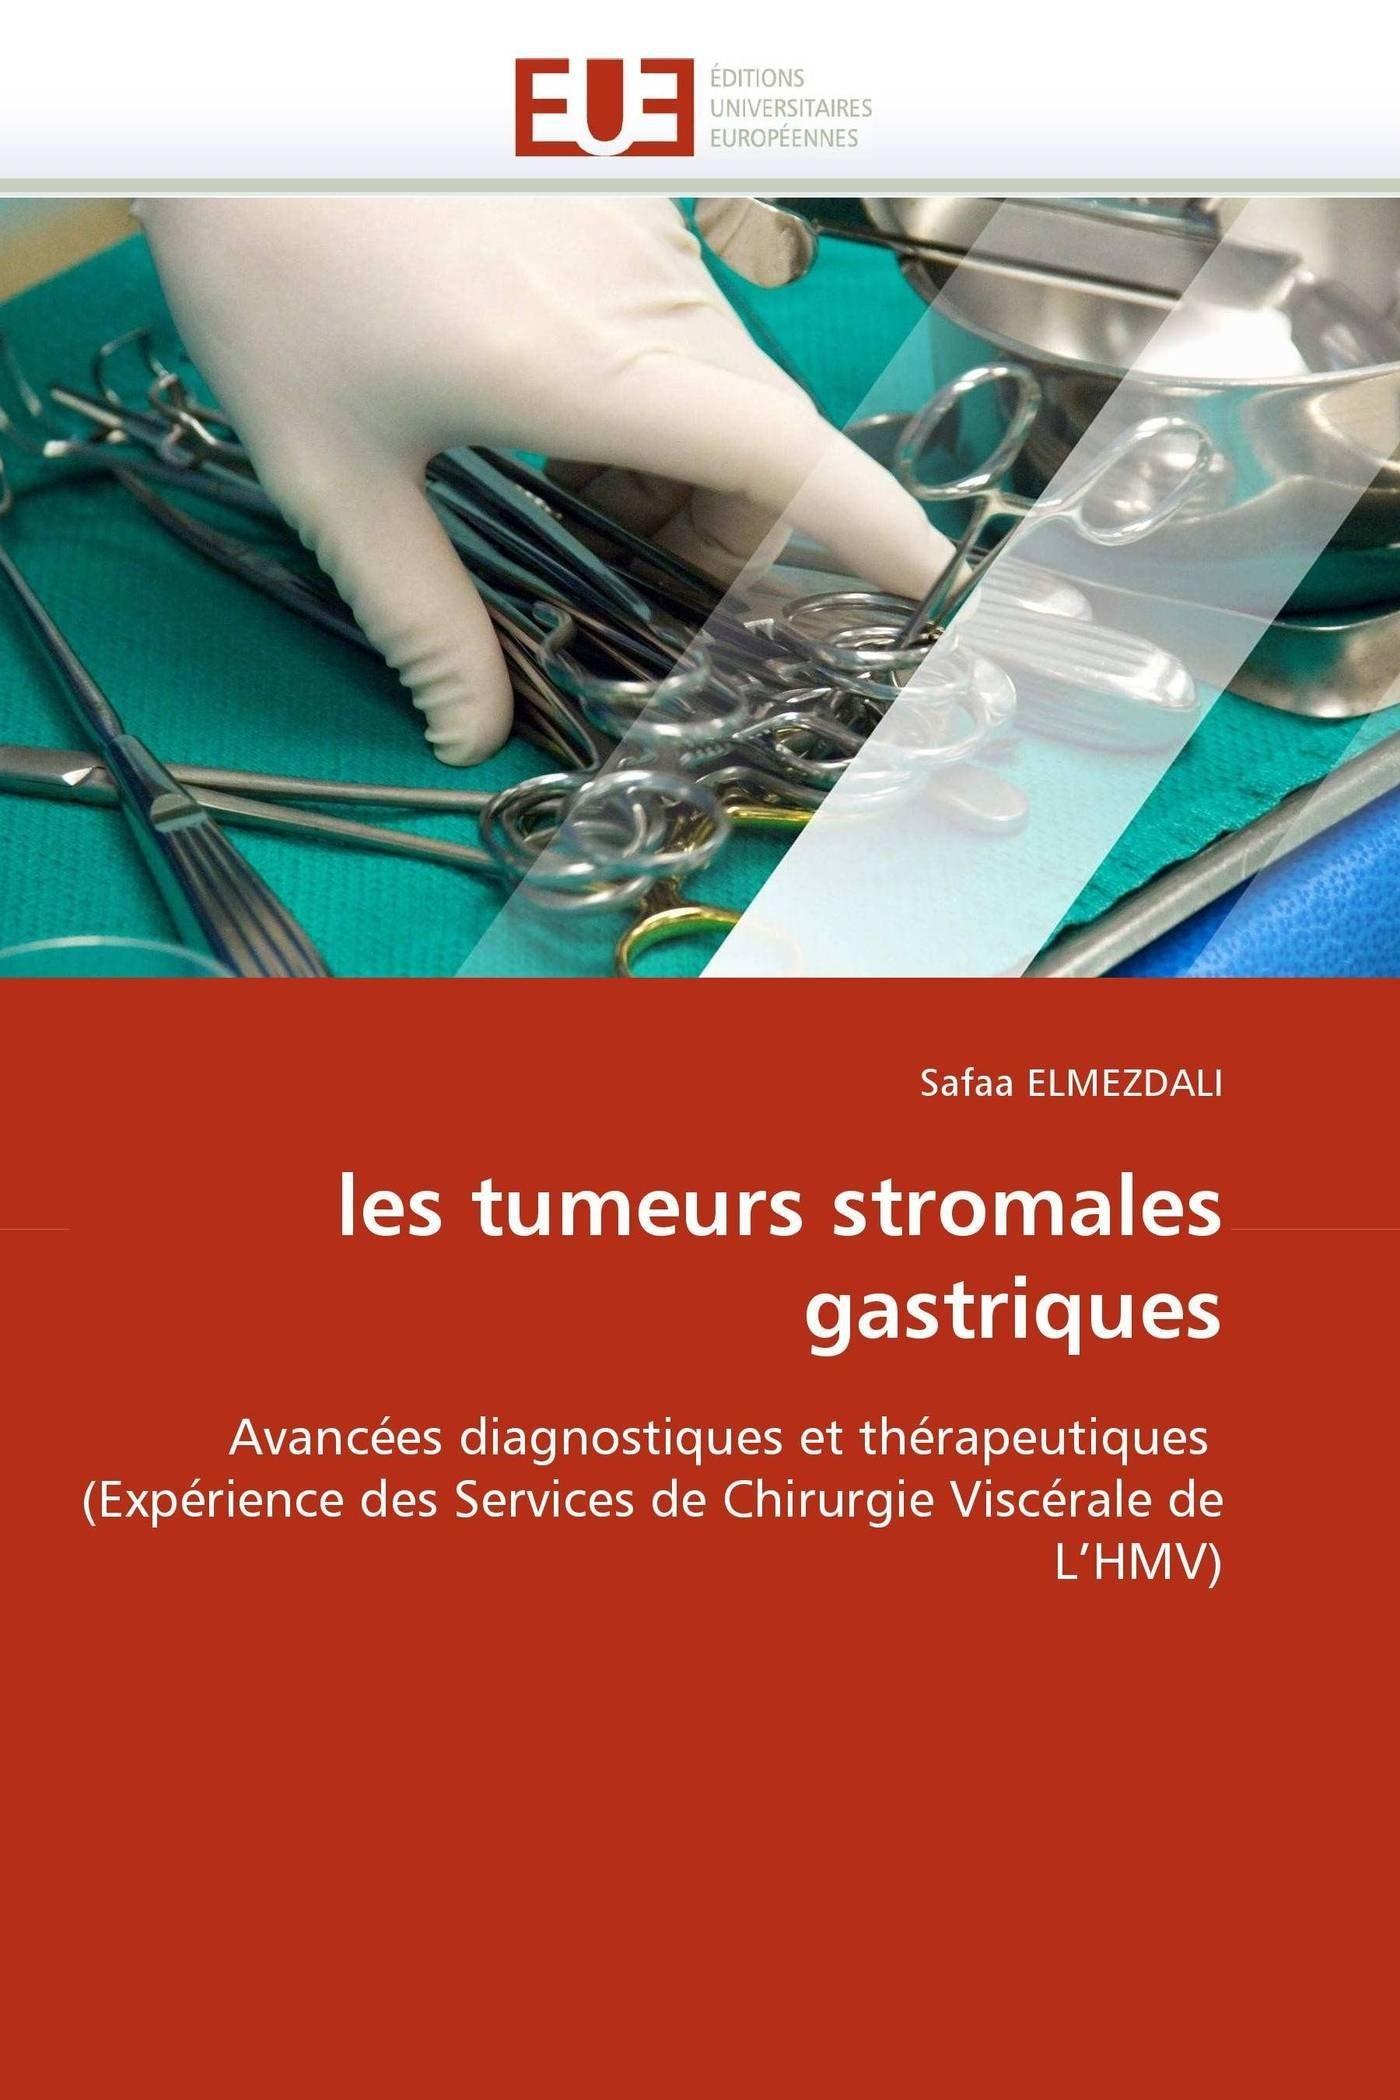 les tumeurs stromales gastriques: Avancées diagnostiques et thérapeutiques  (Expérience des Services de Chirurgie Viscérale de L'HMV) (Omn.Univ.Europ.) (French Edition) pdf